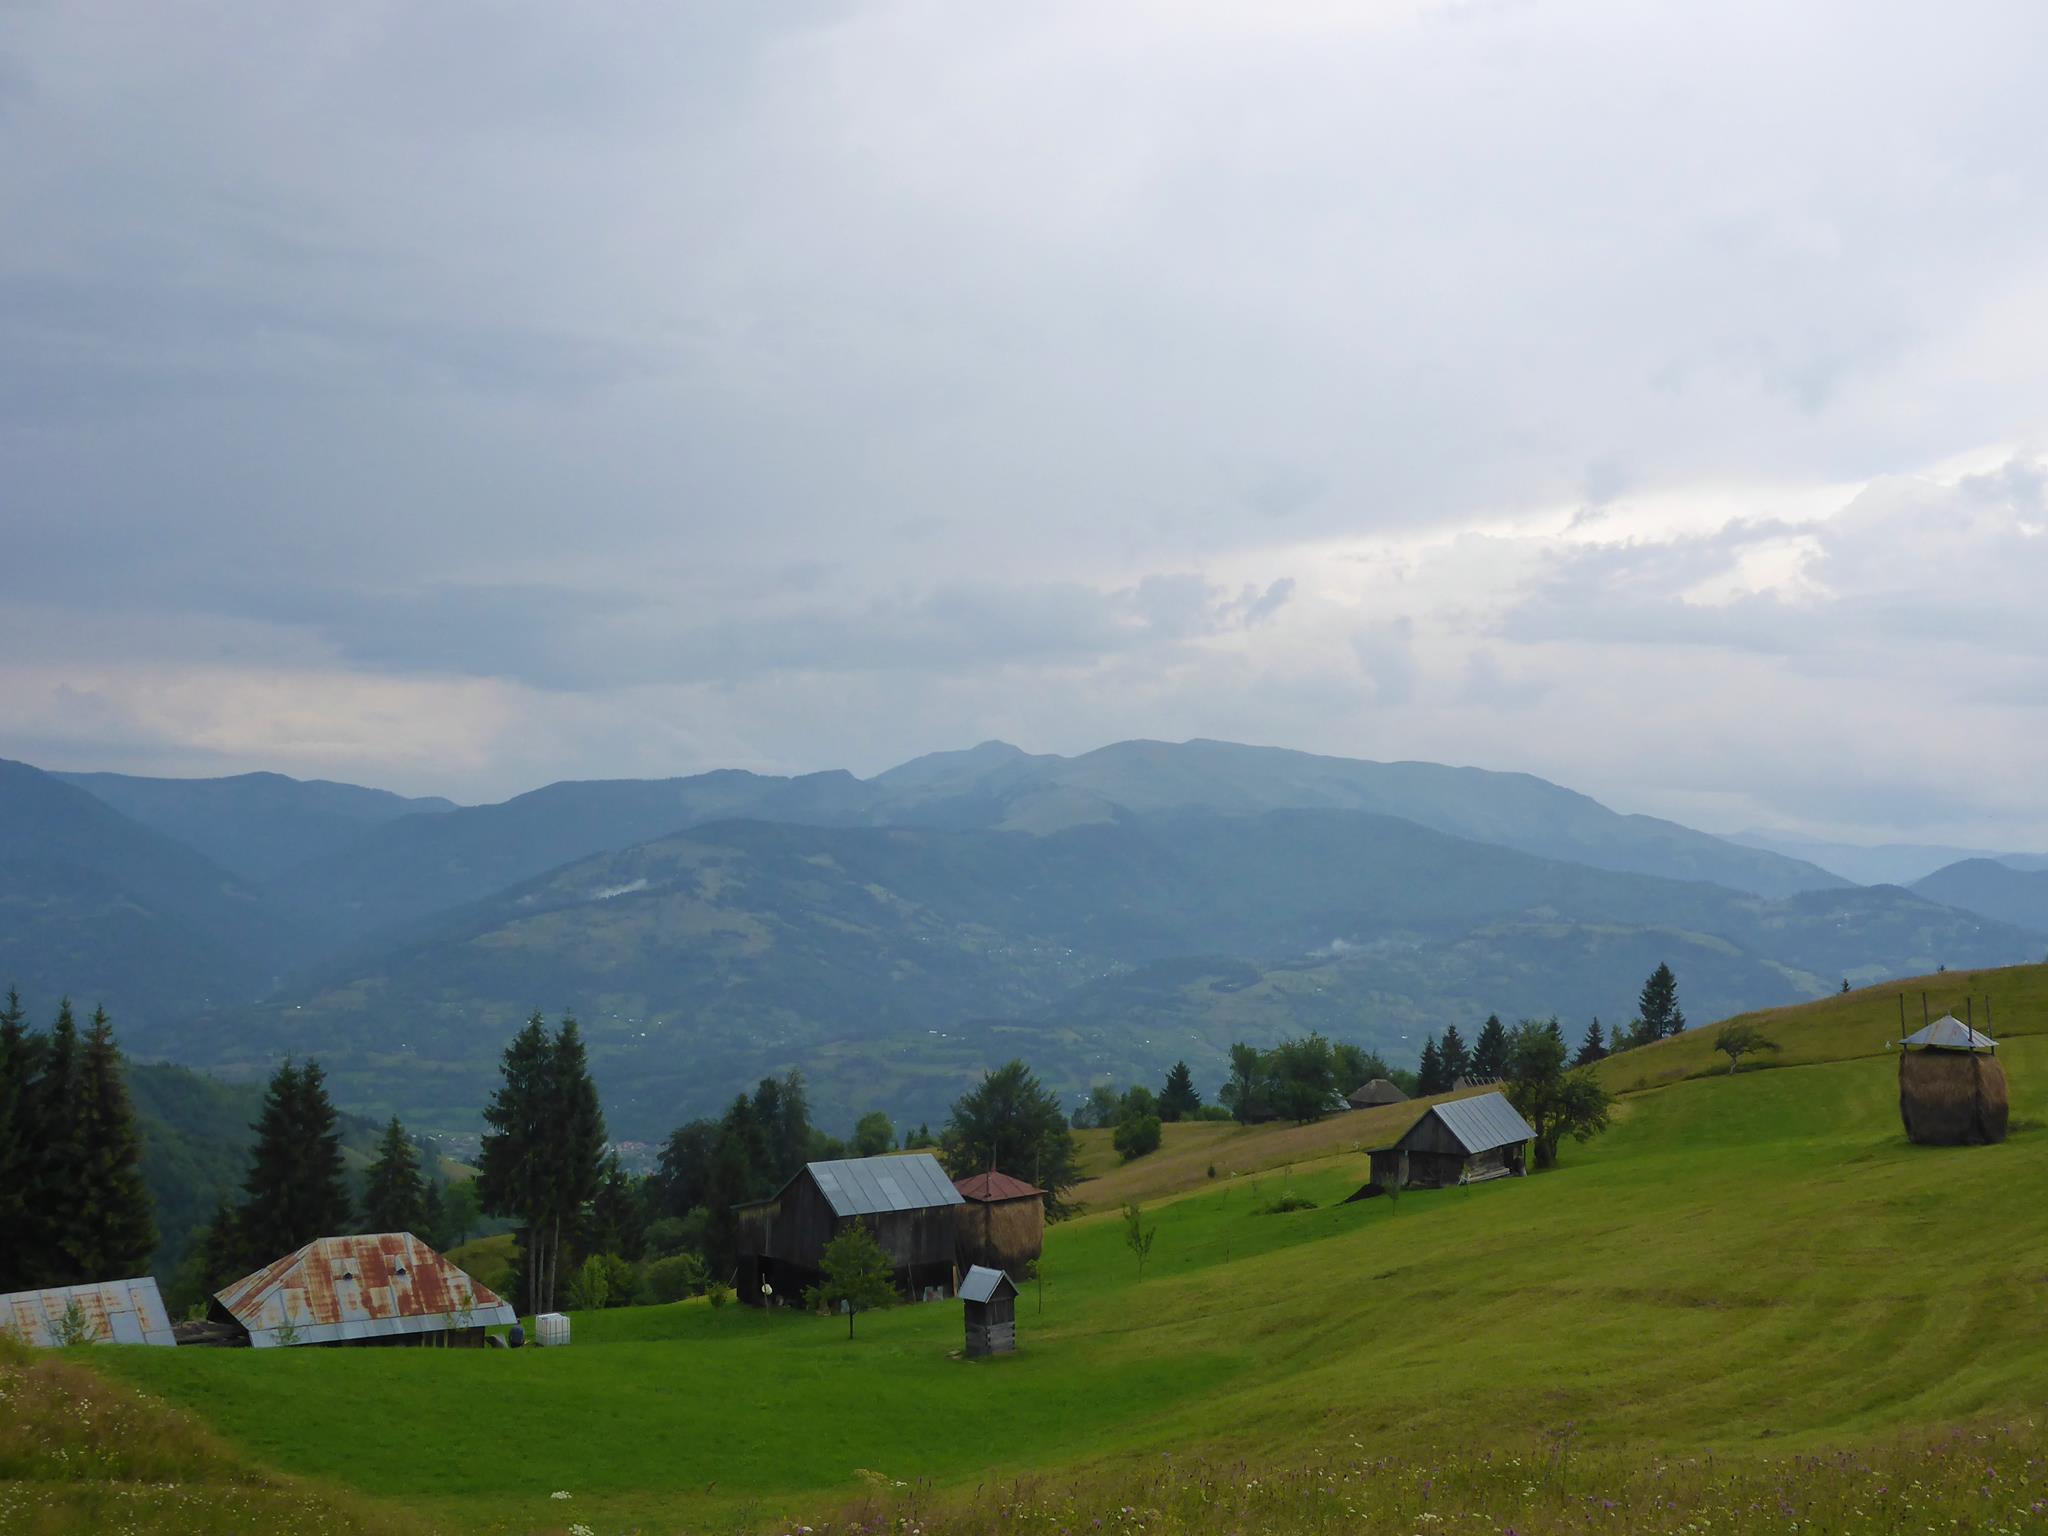 La région à vraiment un caractère sauvage. Ici les gens vivent sans problème en haut des montagnes en presque total autosuffisance.